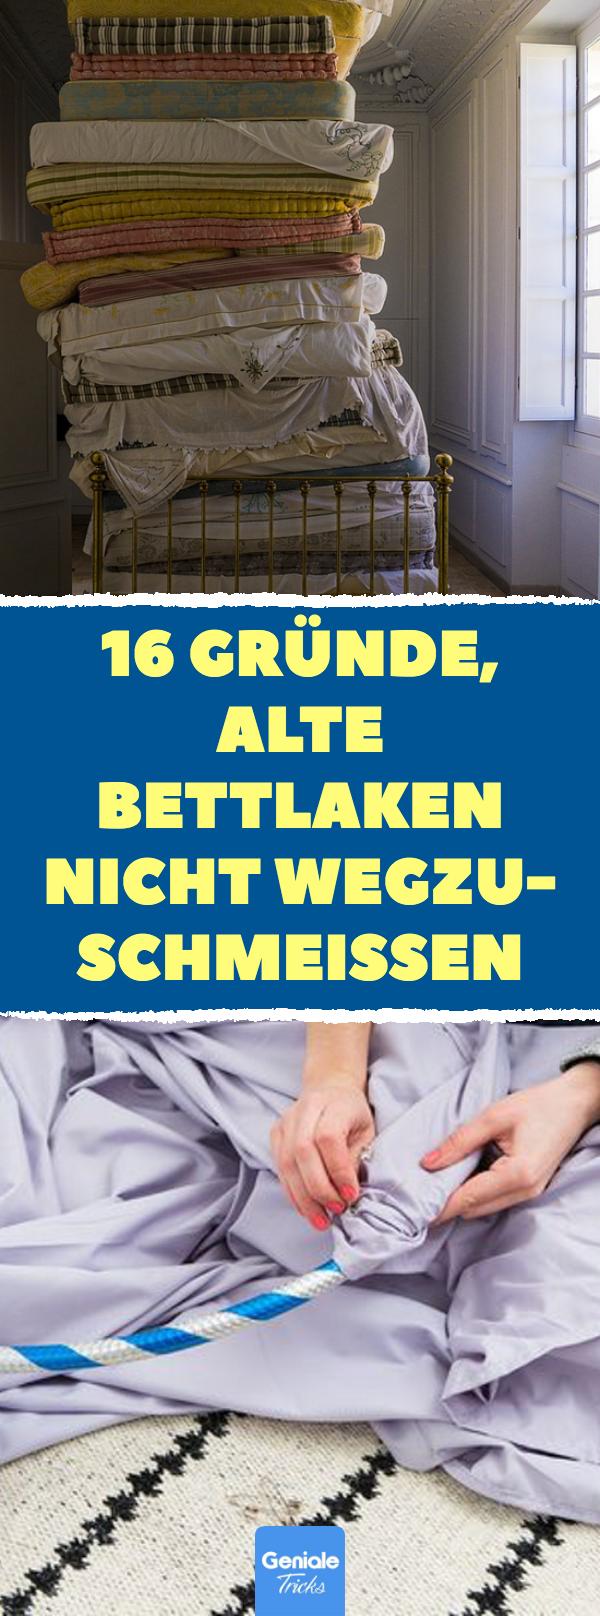 16 Gründe, alte Bettlaken nicht wegzuschmeißen